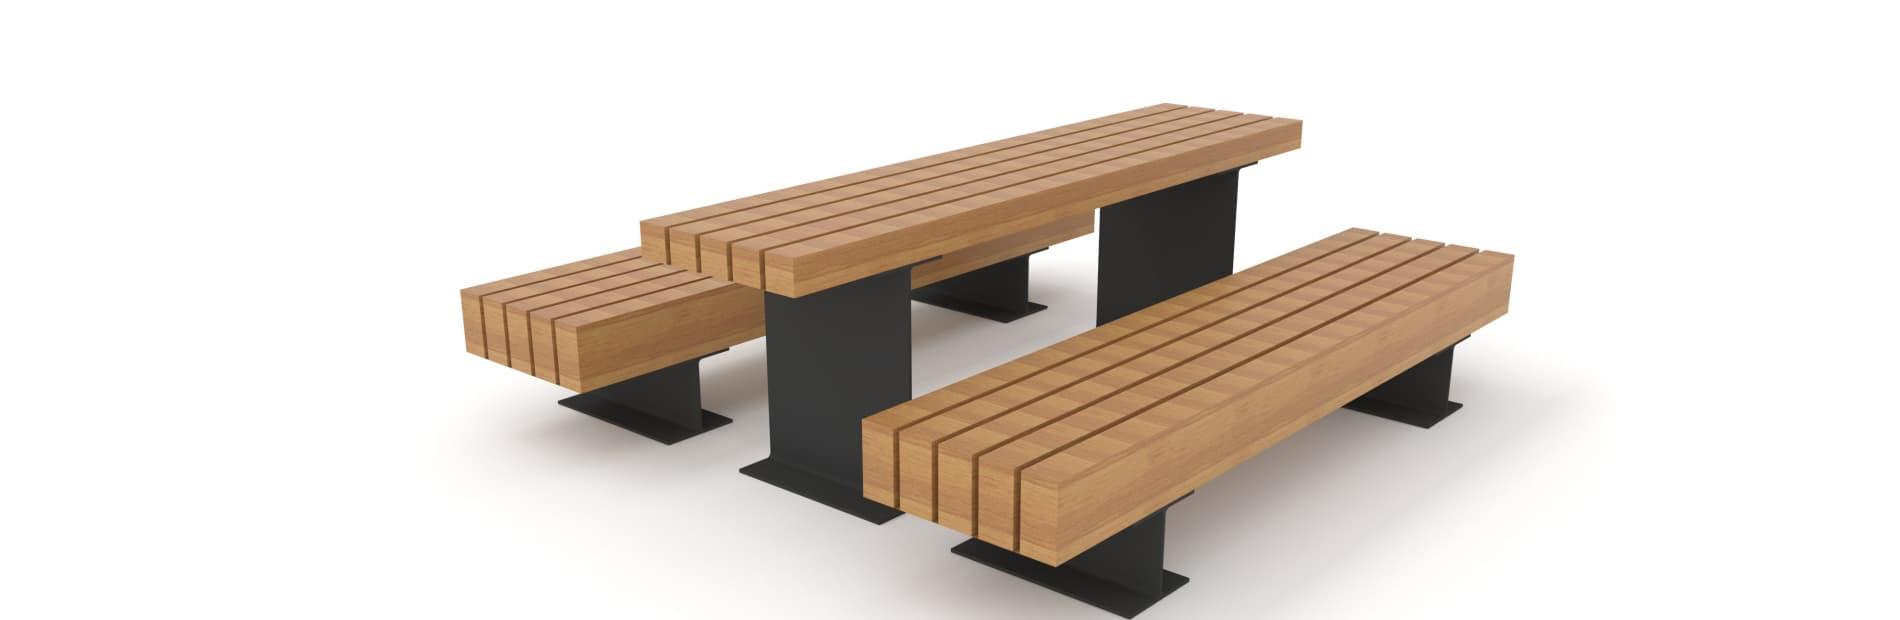 tramet picnic table